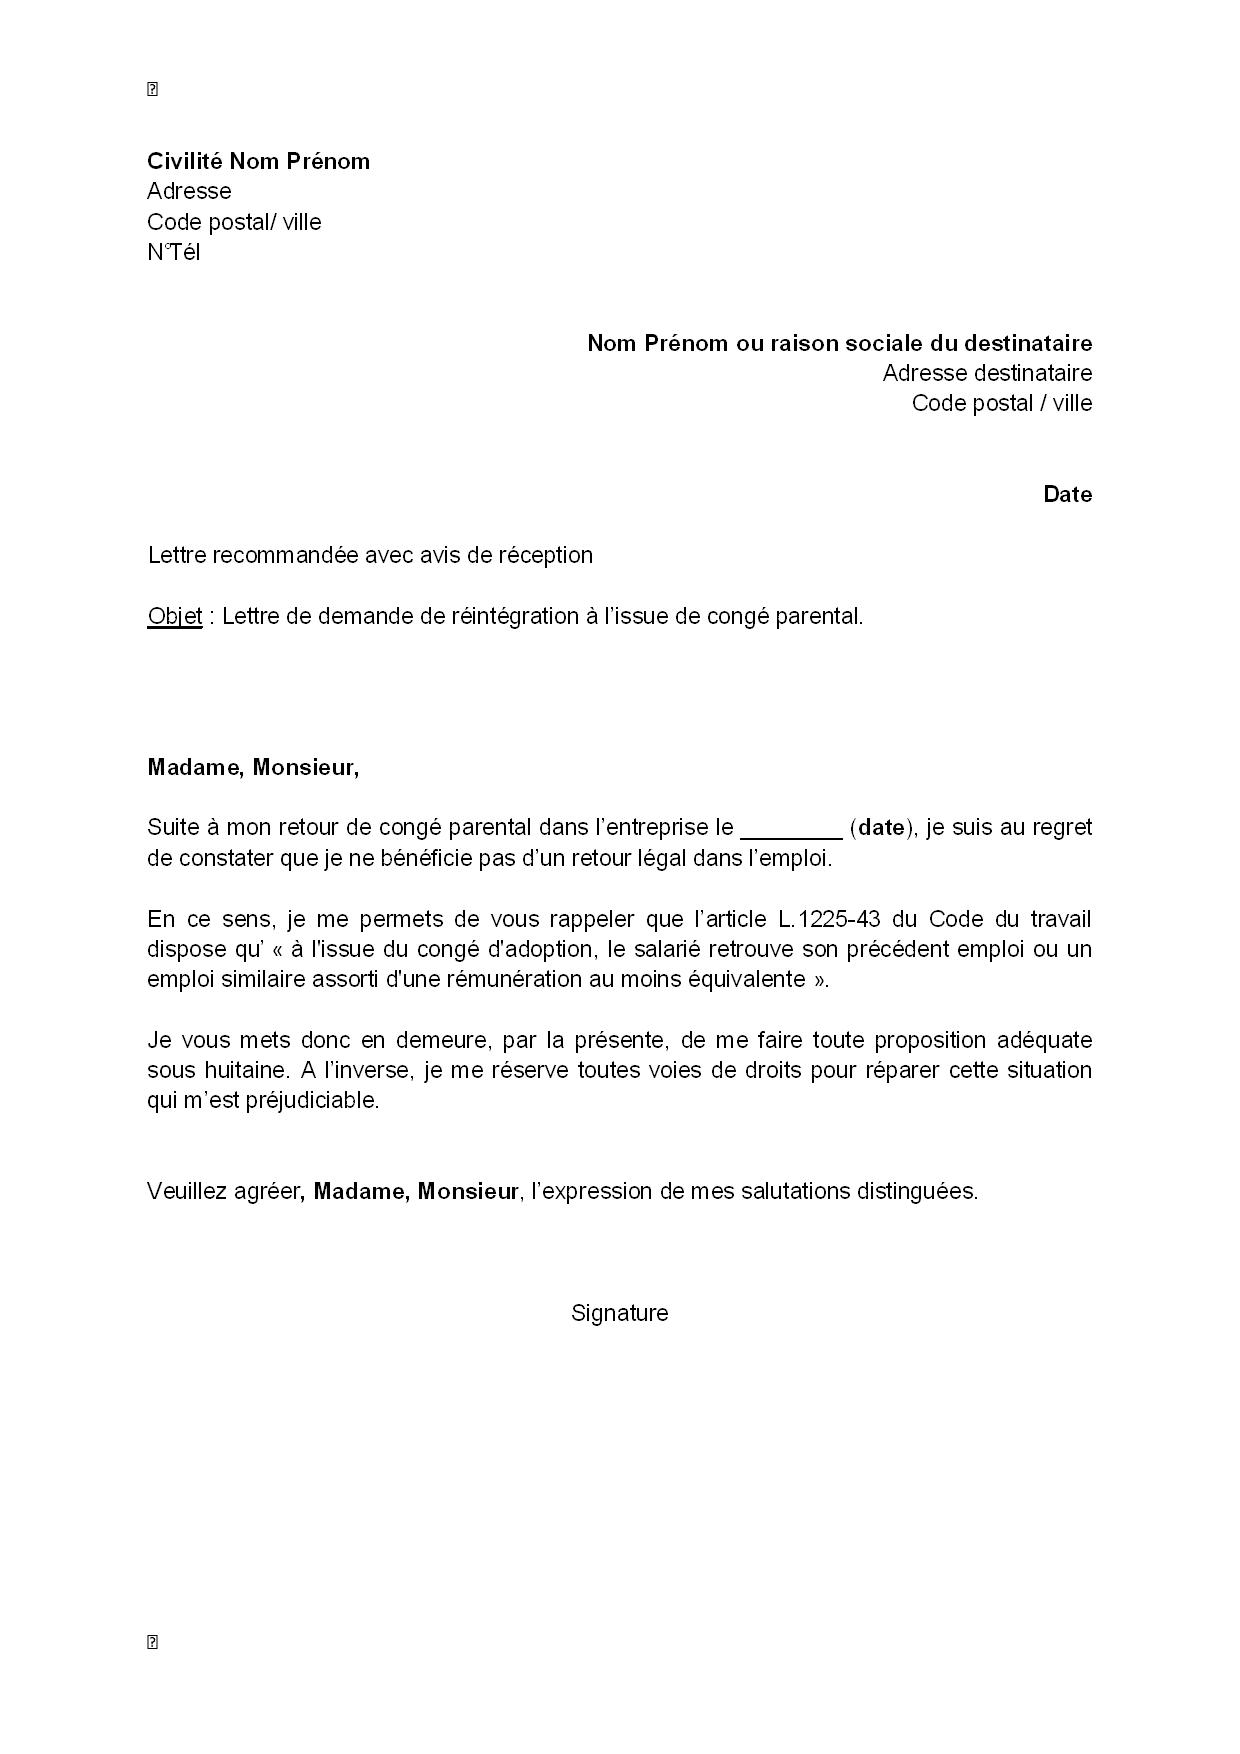 congé parental lettre Lettre de demande de réintégration à l'issue du congé parental  congé parental lettre